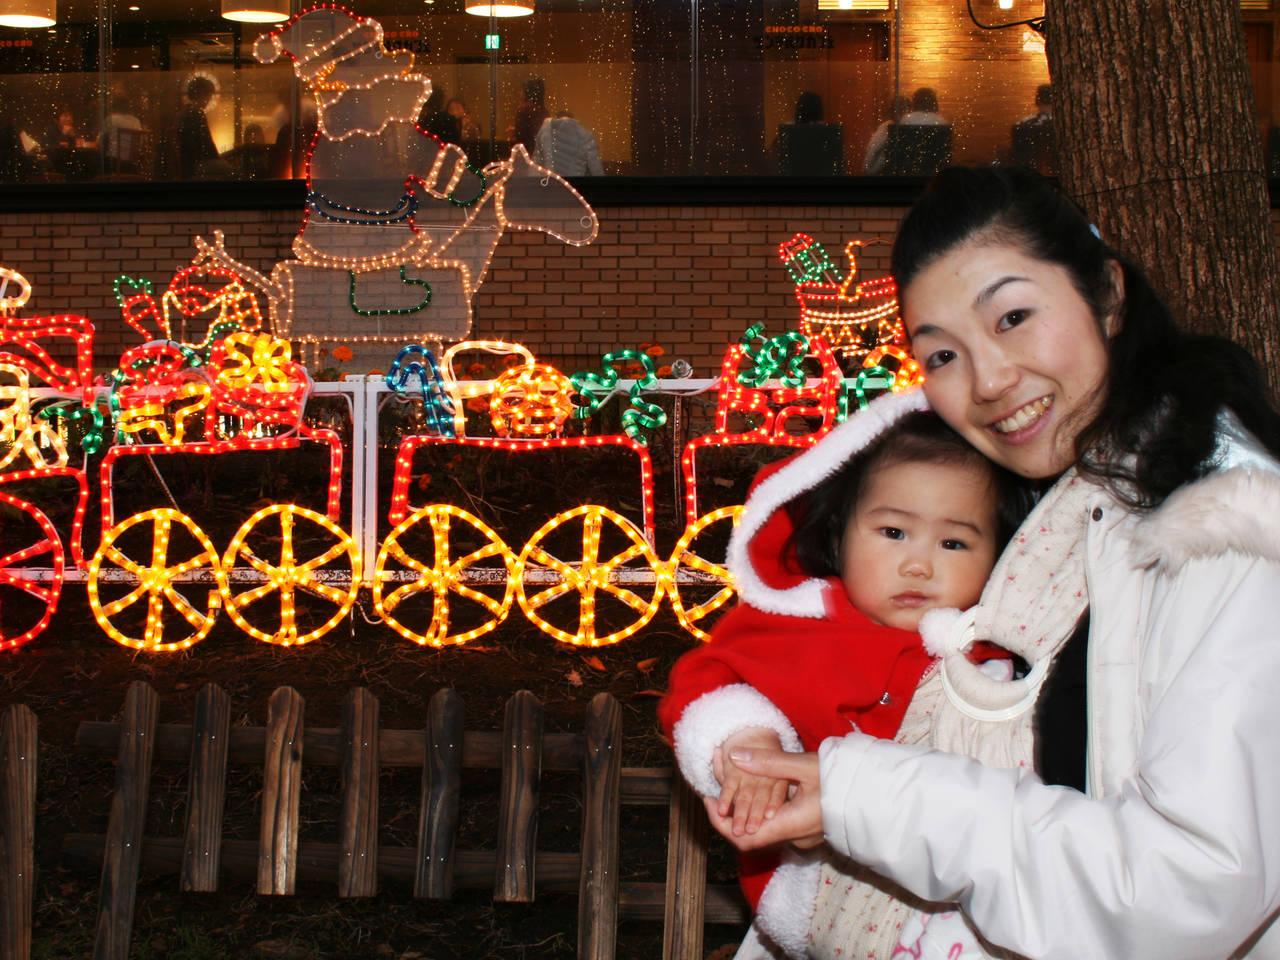 クリスマスは子連れで遊び尽くそう!イベントやイルミが素敵な遊園地